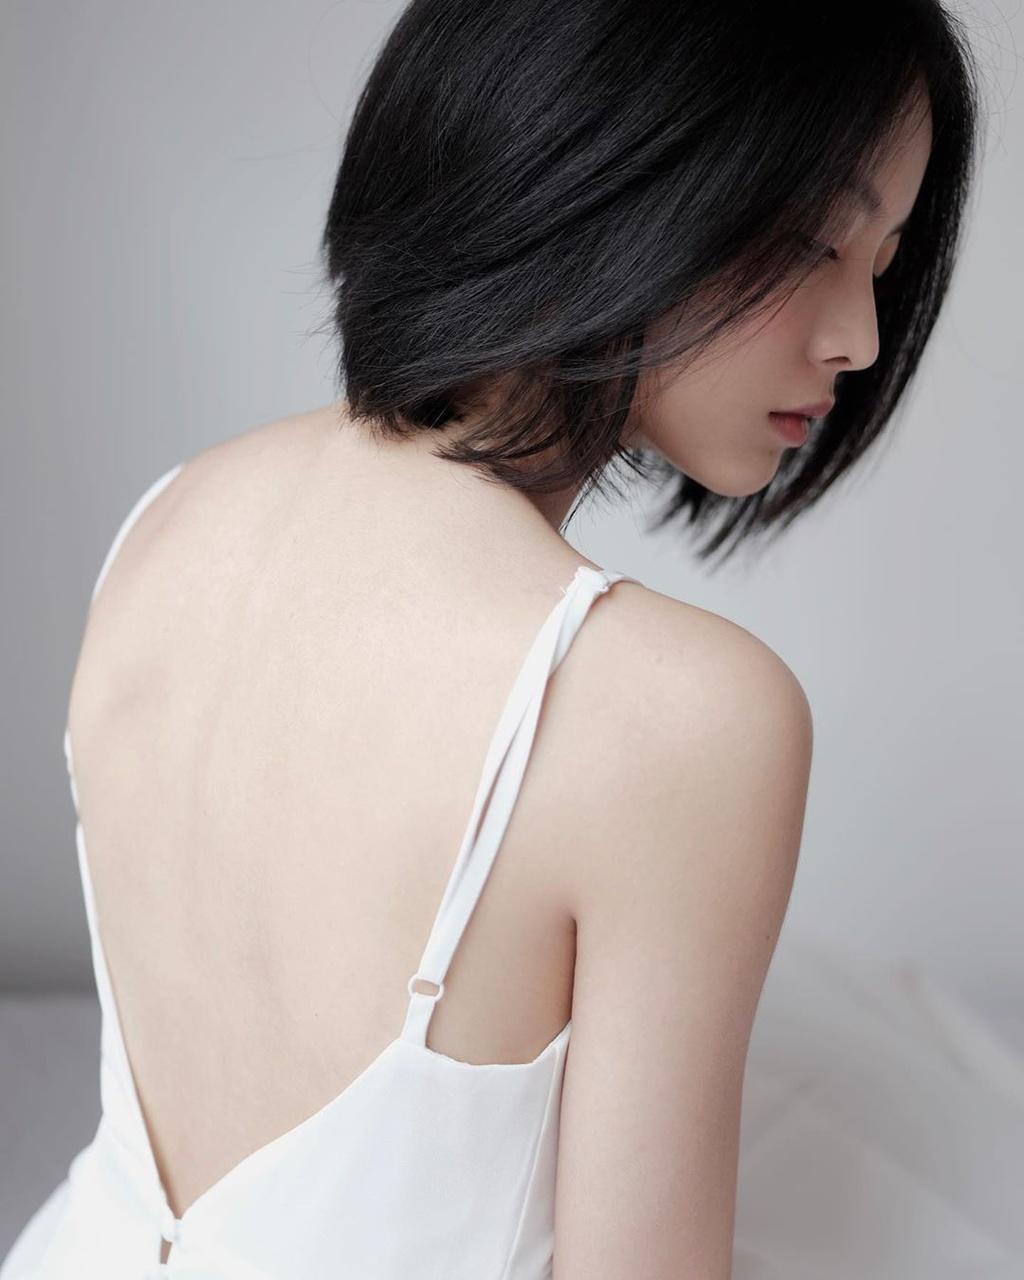 Yu Duong: 'Toi kho gan nen khong ai muon cam do' hinh anh 4